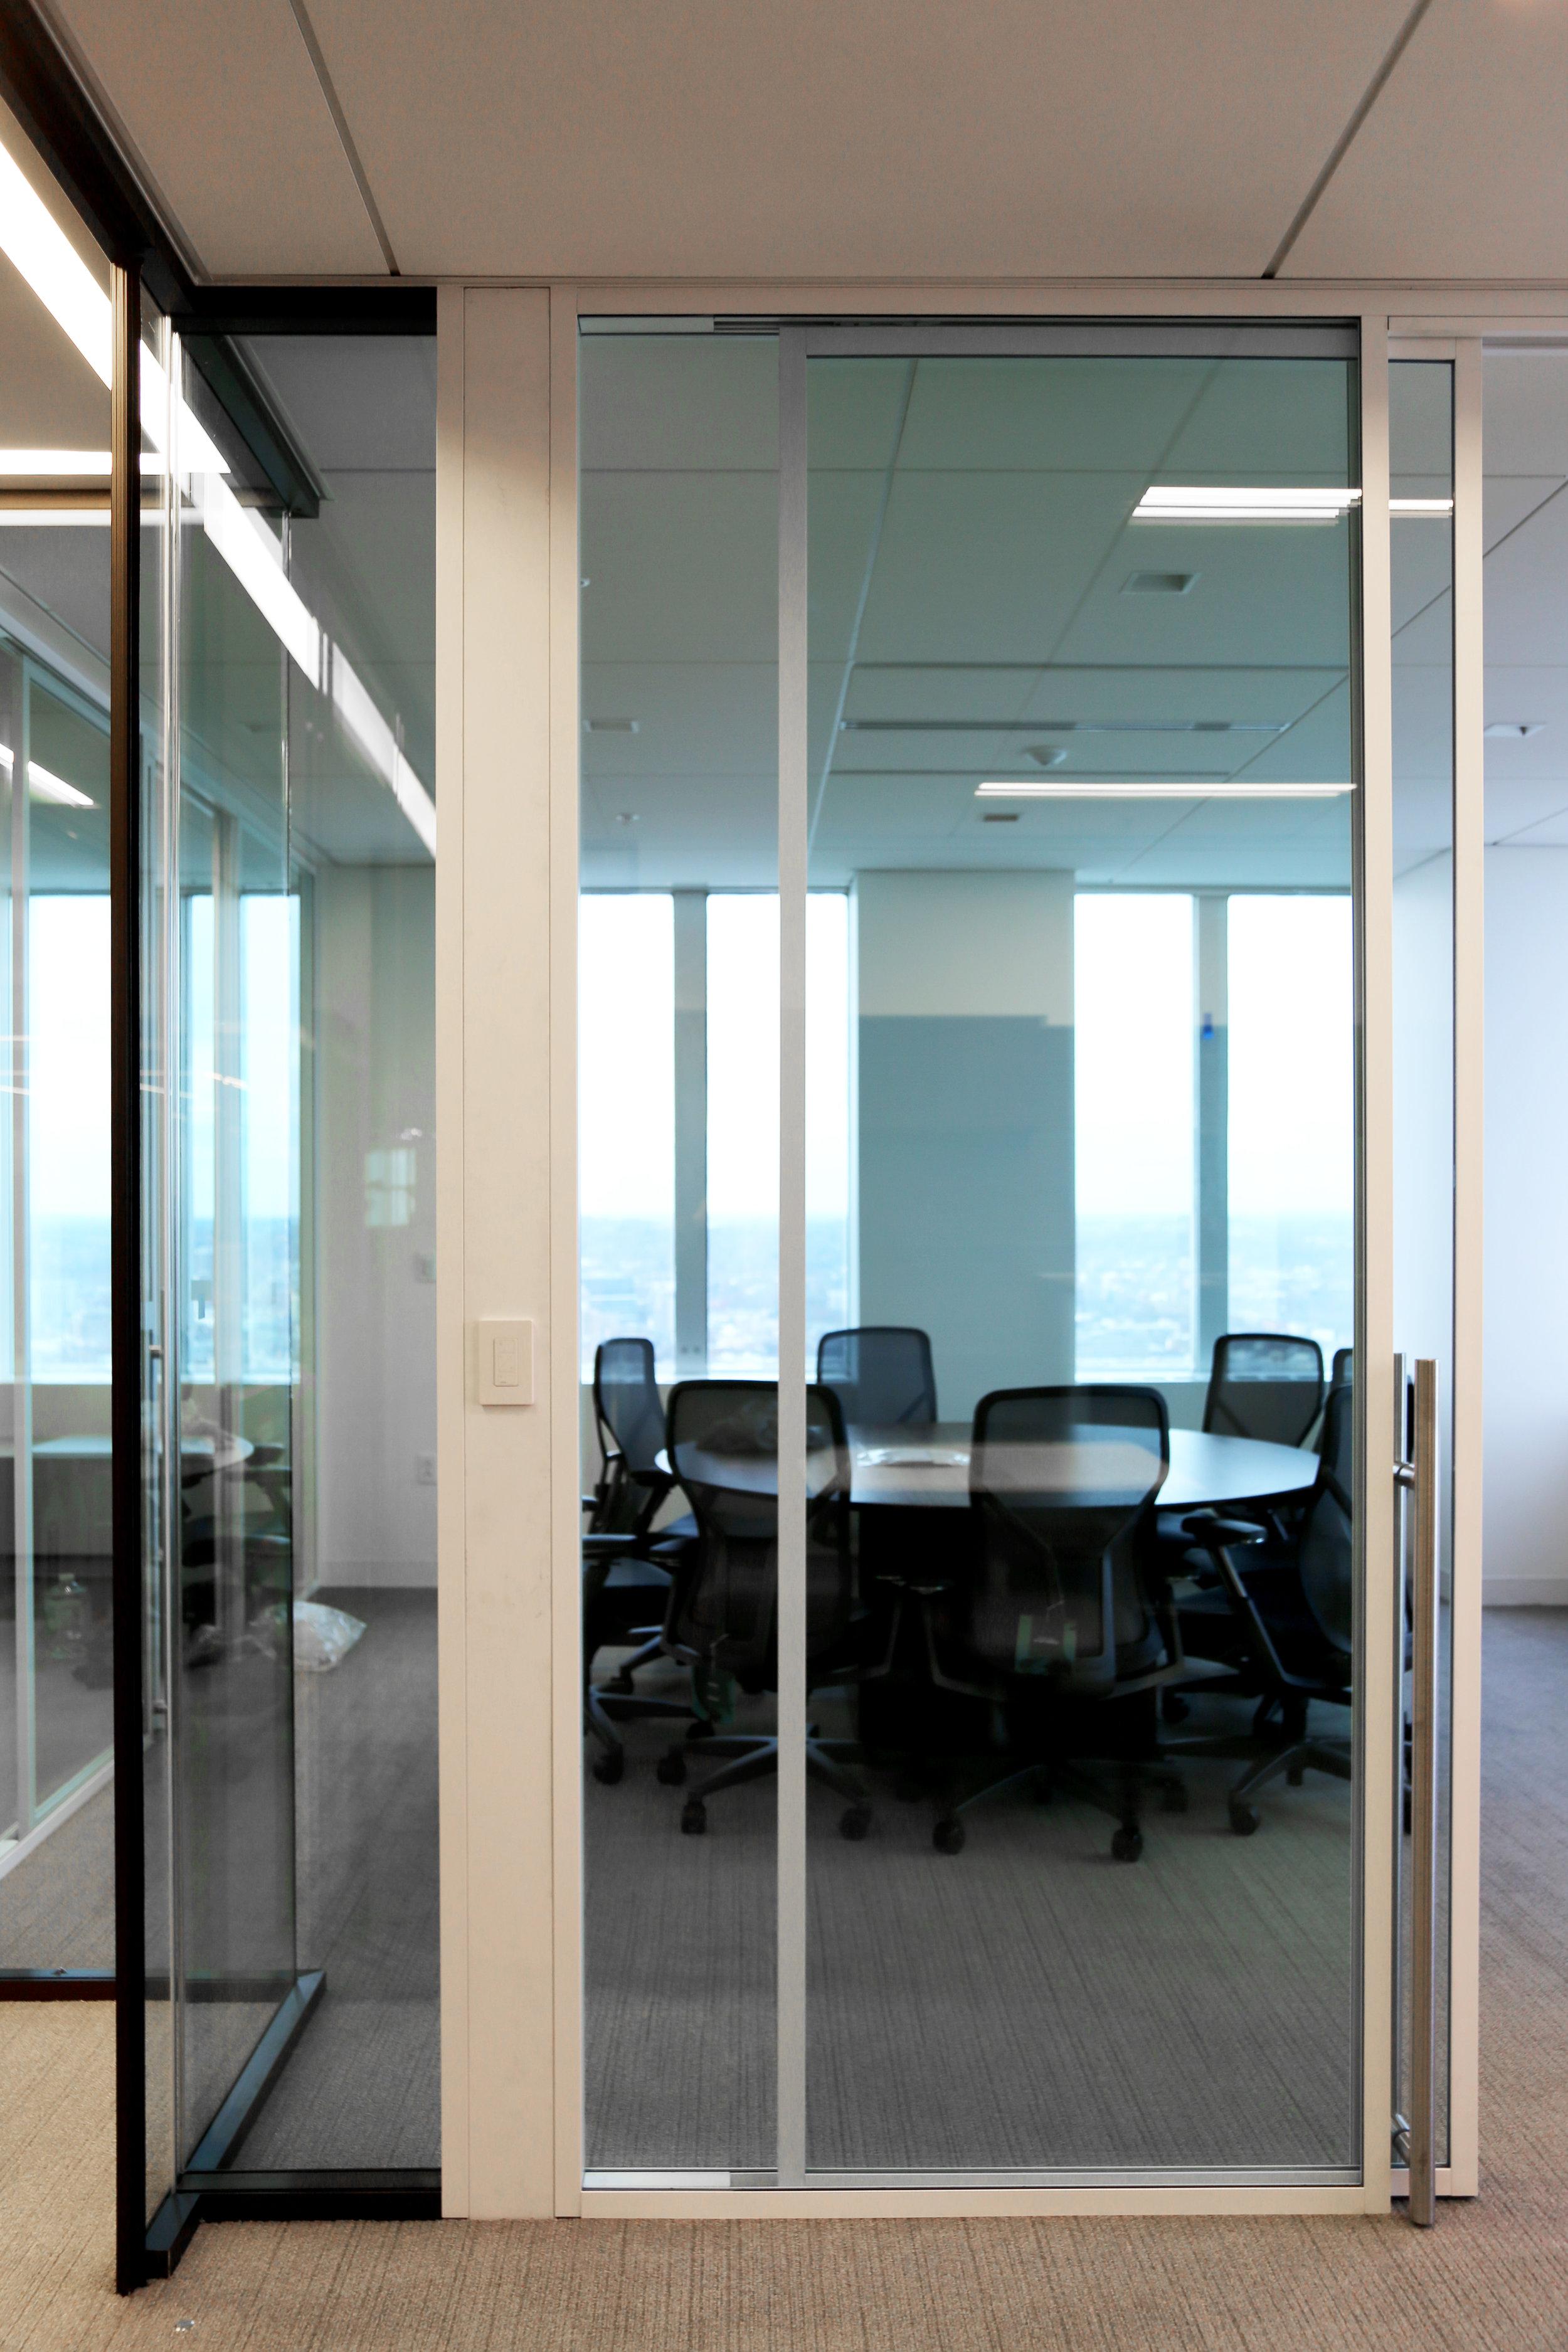 Modernus Aluminum Framed White Powder Coat Glass Walls - Spaceworks AI.jpg